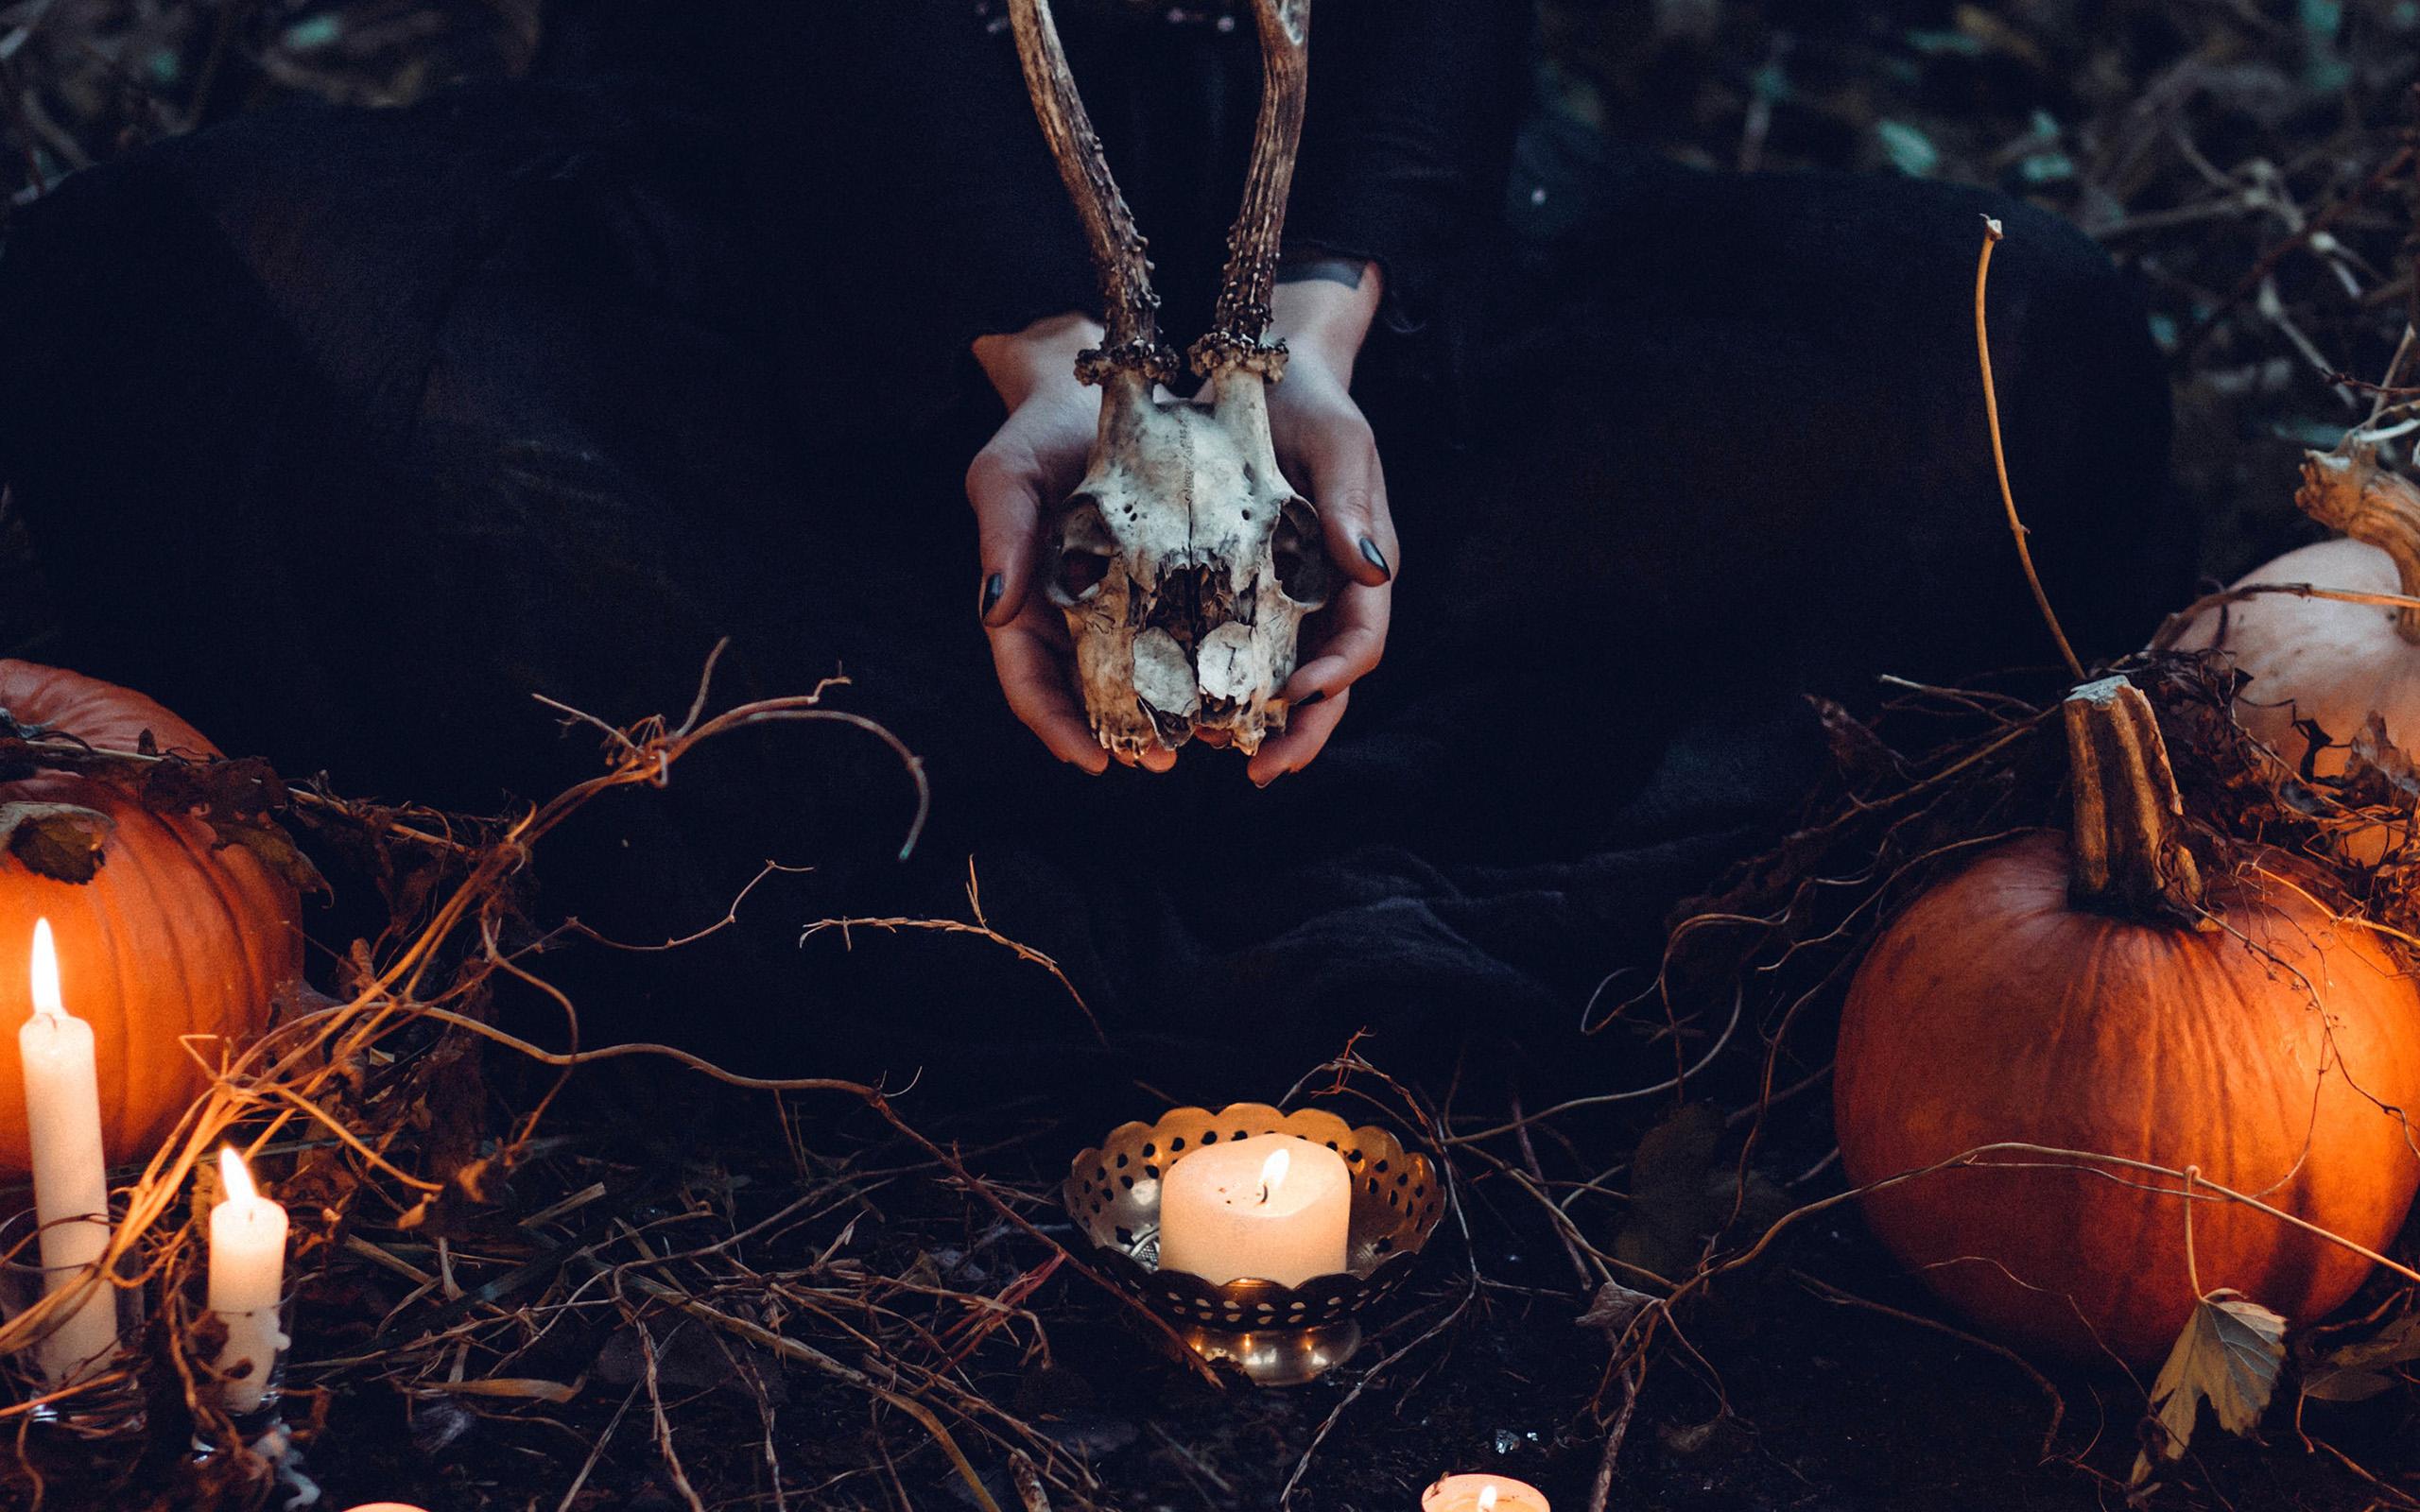 wallpaper for desktop, laptop | nw17-halloween-pumpkin-skull-dark-nature